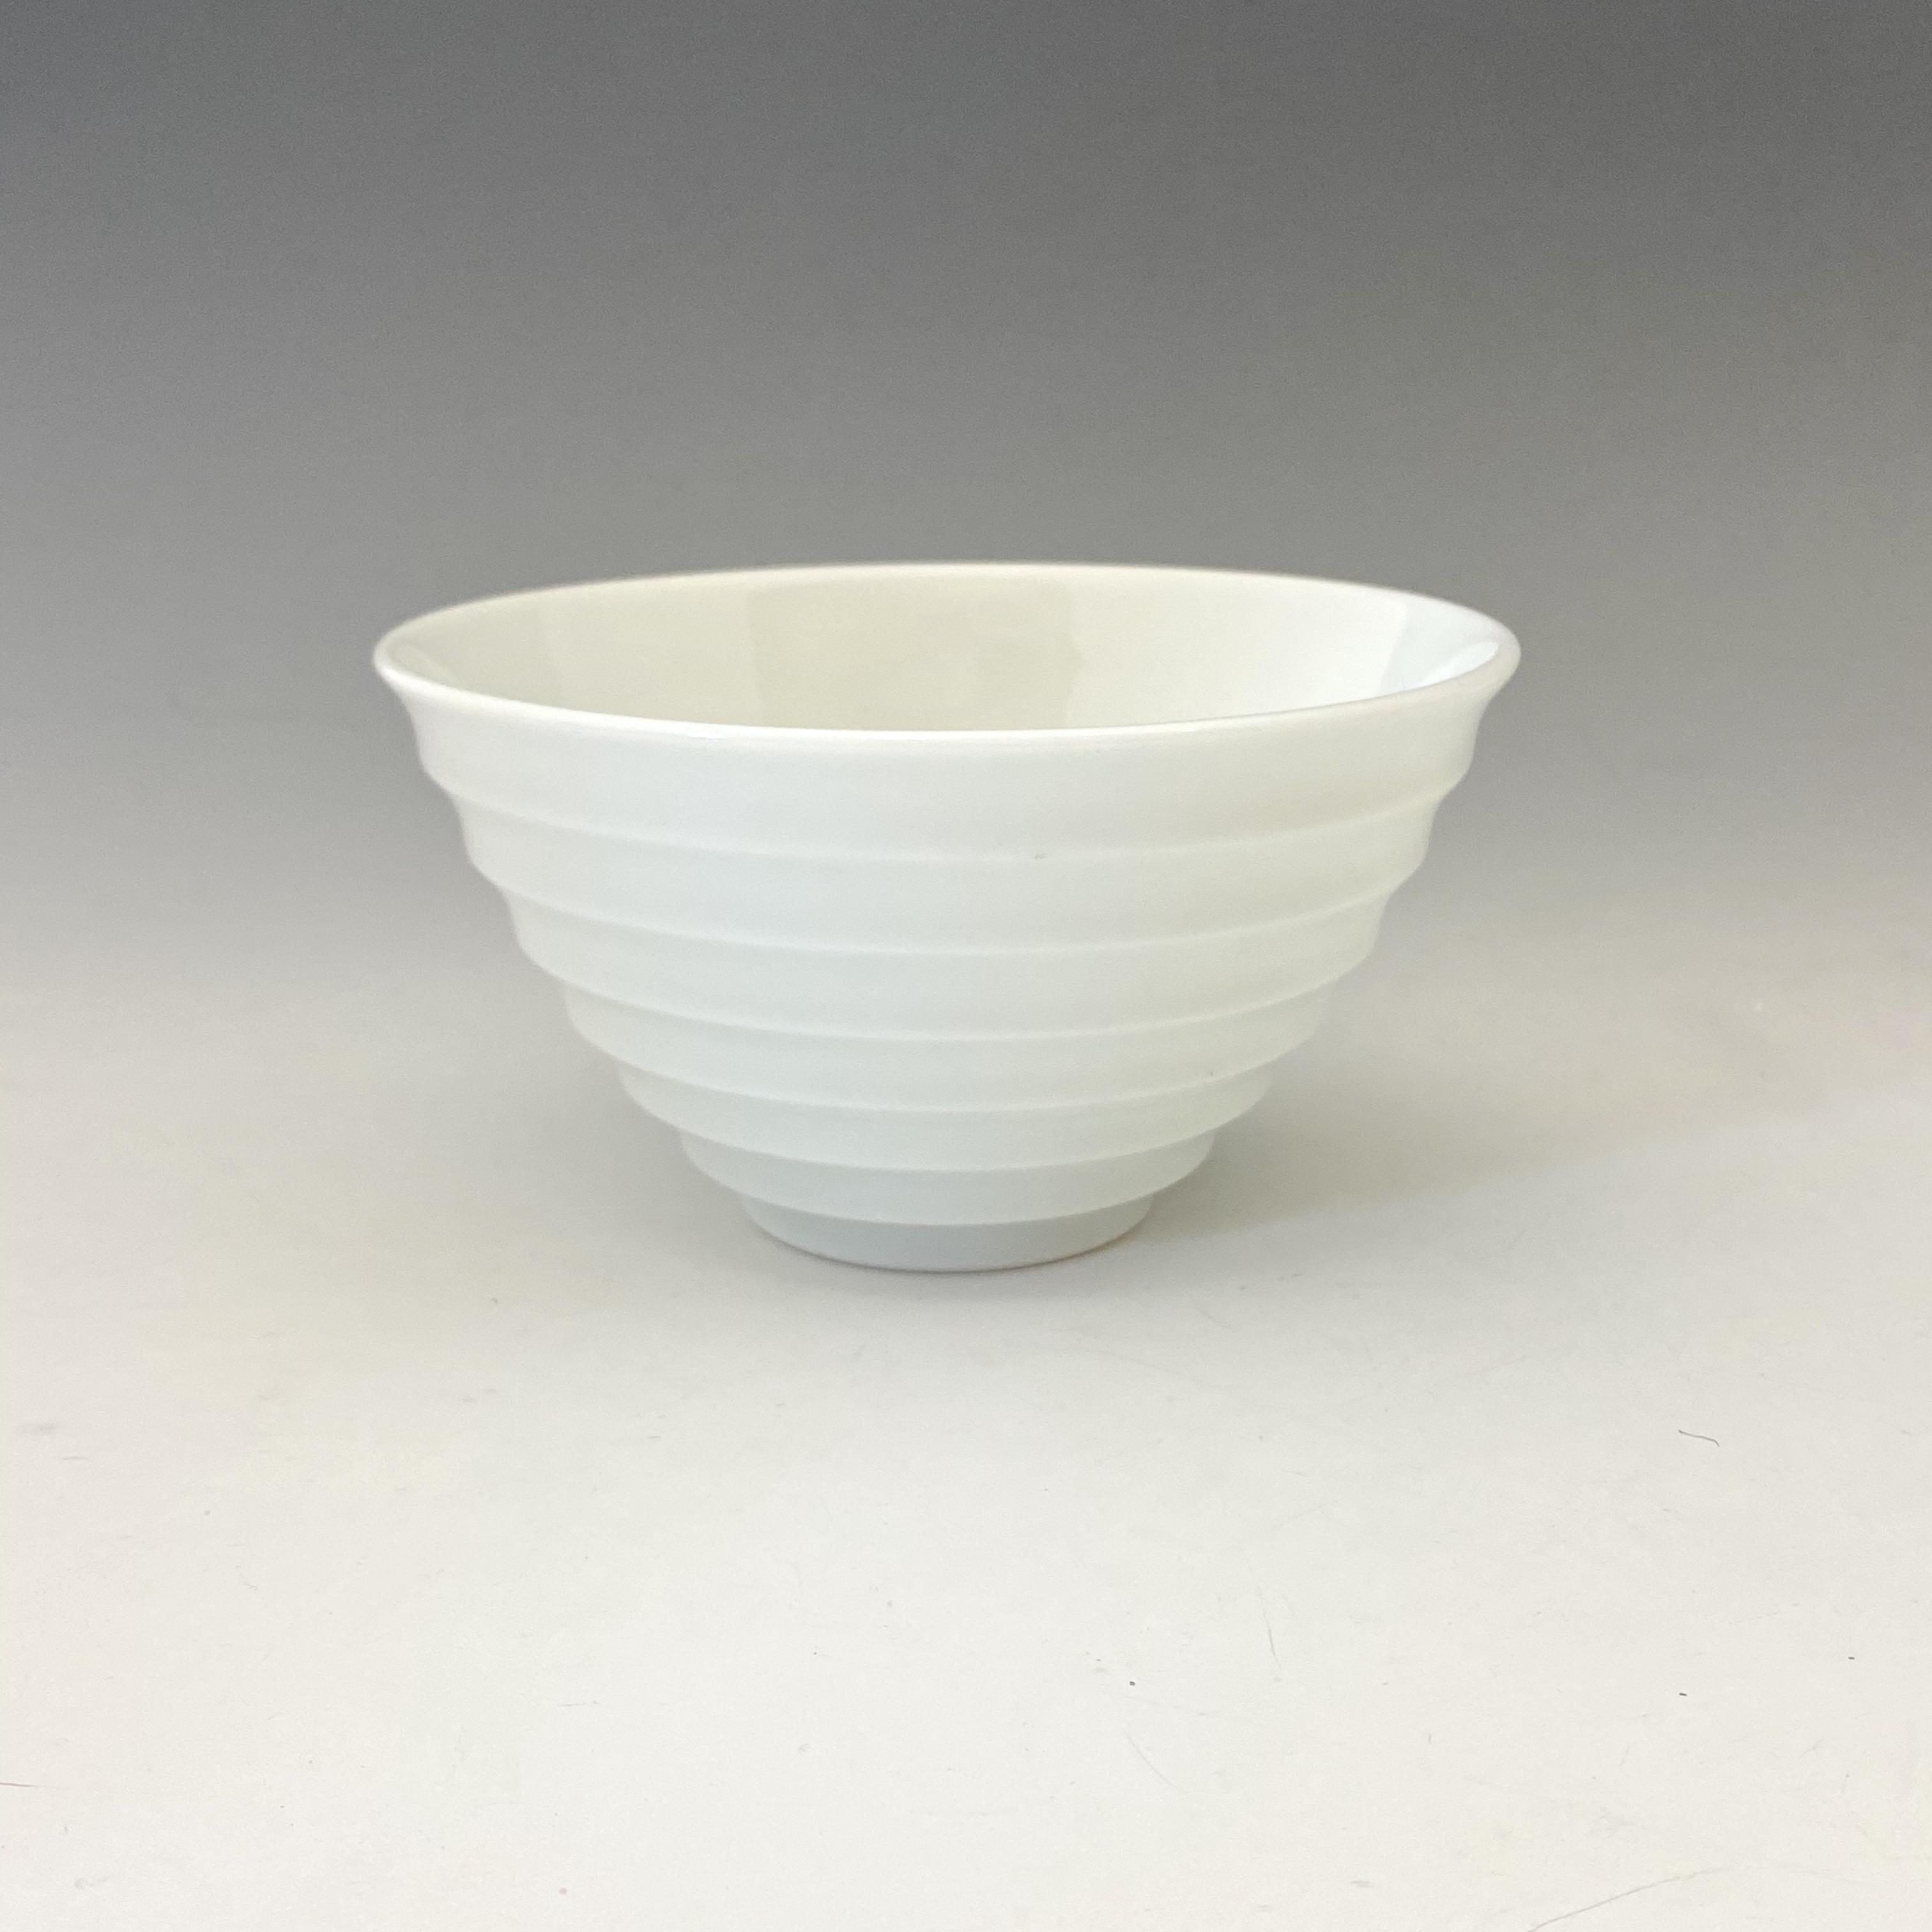 【中尾純】白磁線段碗(大)